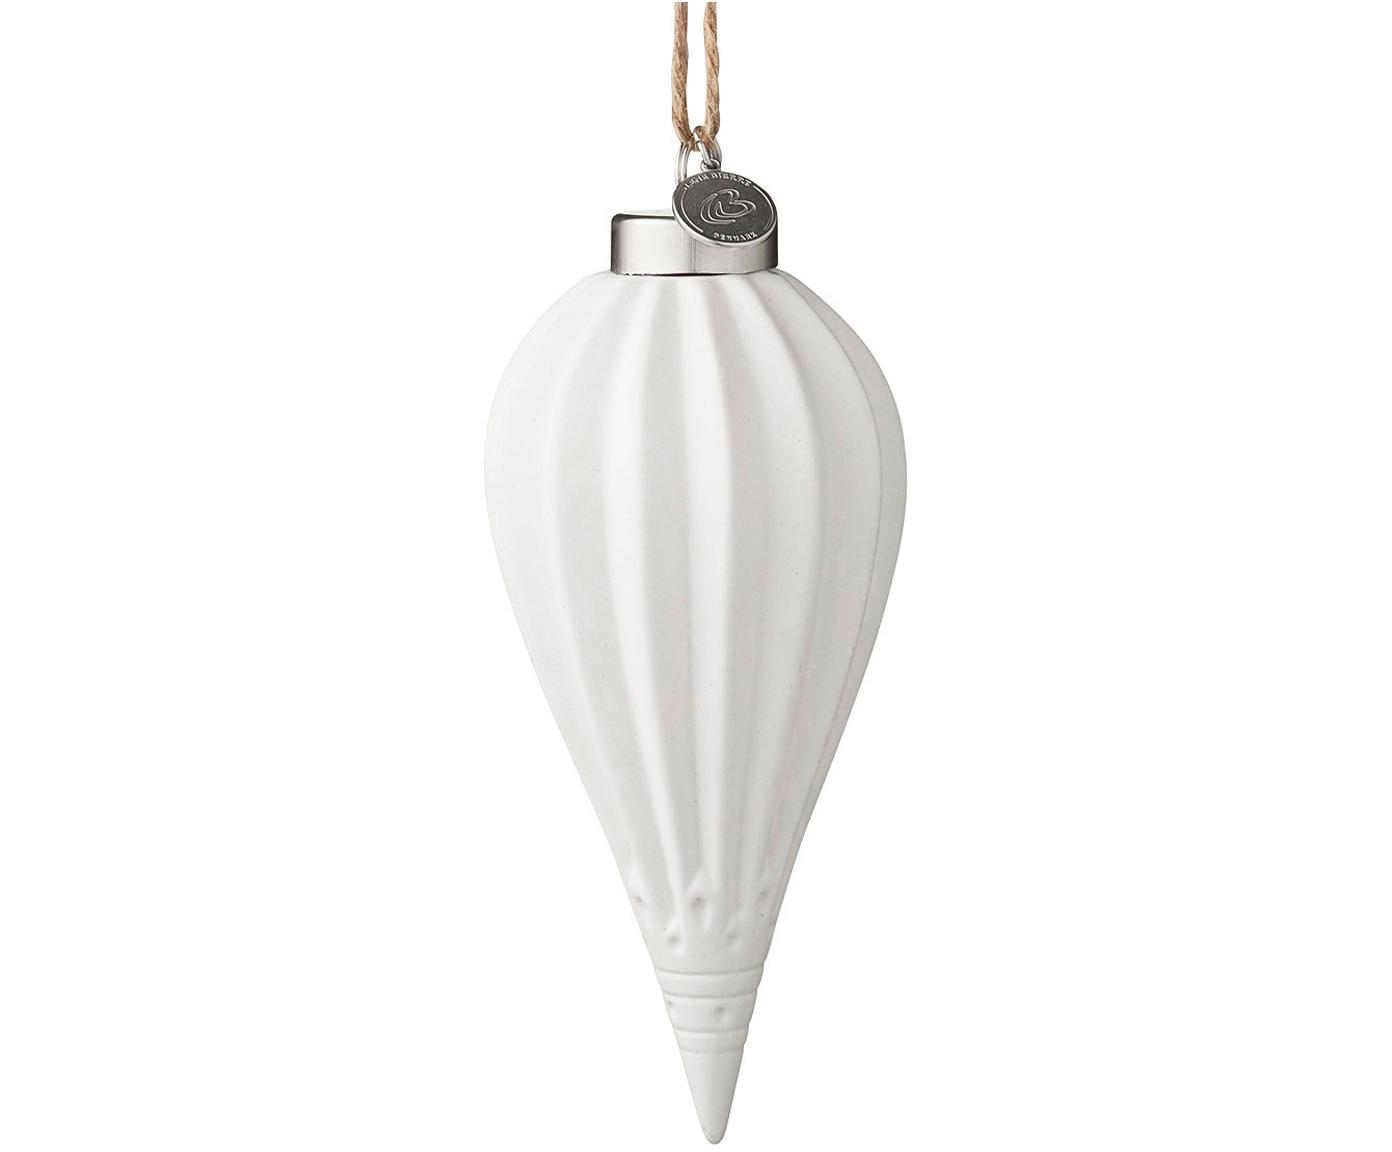 Baumanhänger Delia, 2 Stück, Weiß, Metall, Ø 6 x H 15 cm